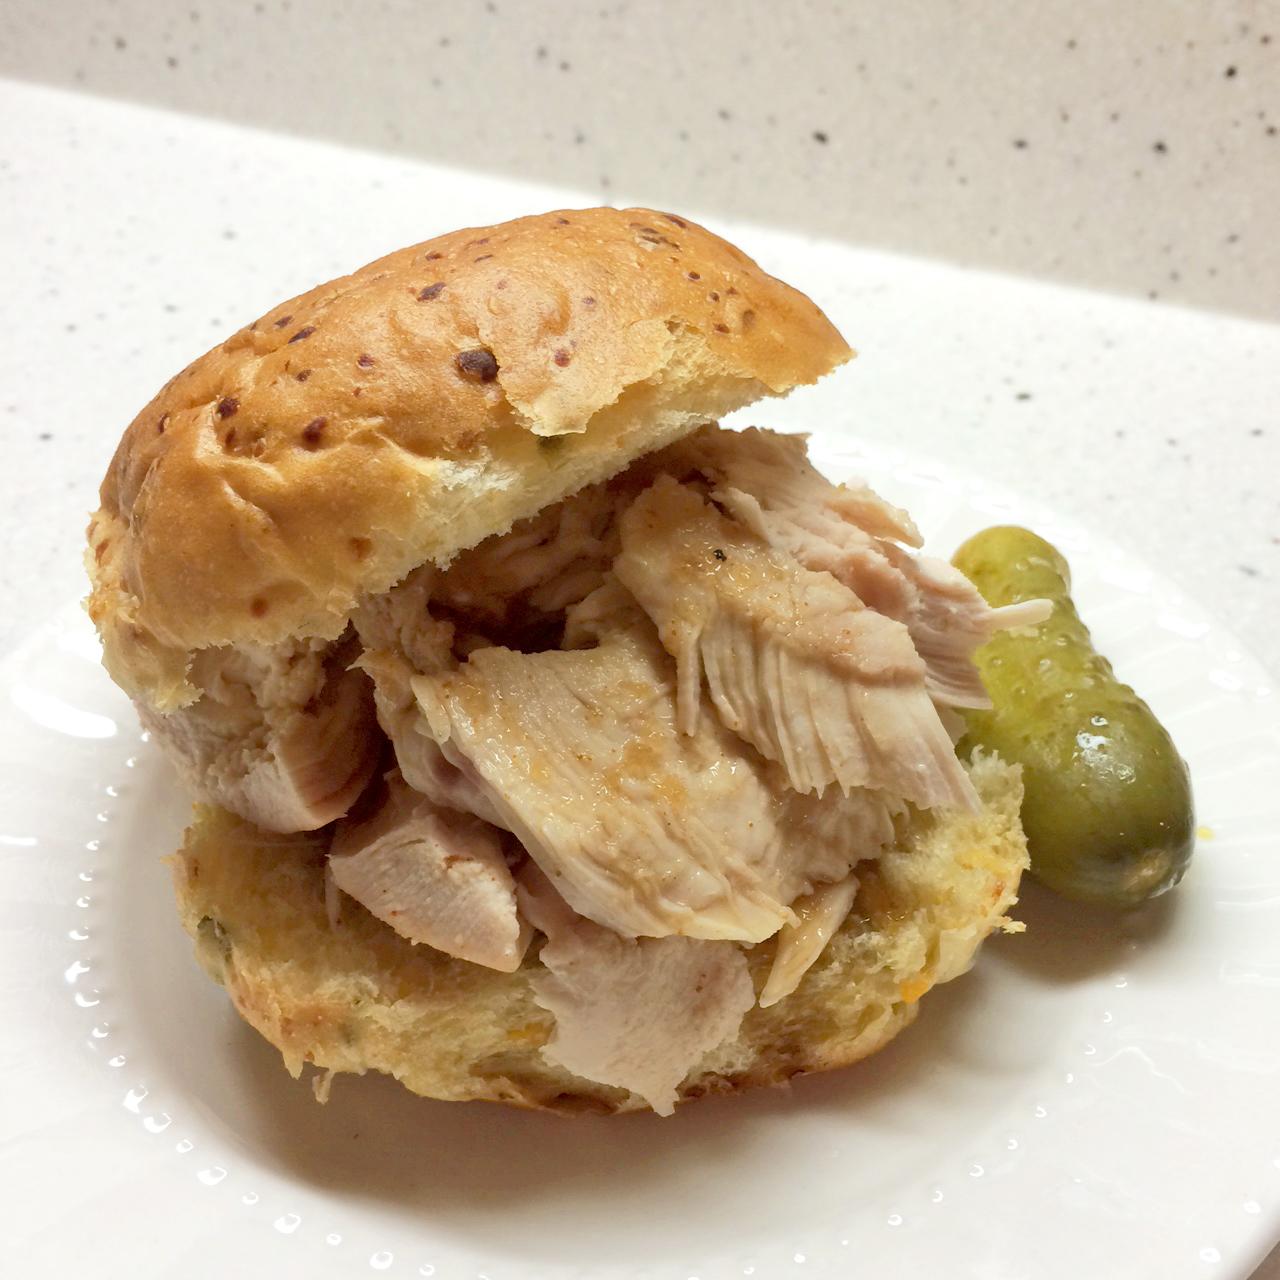 ginger-chicken-sandwich.jpg